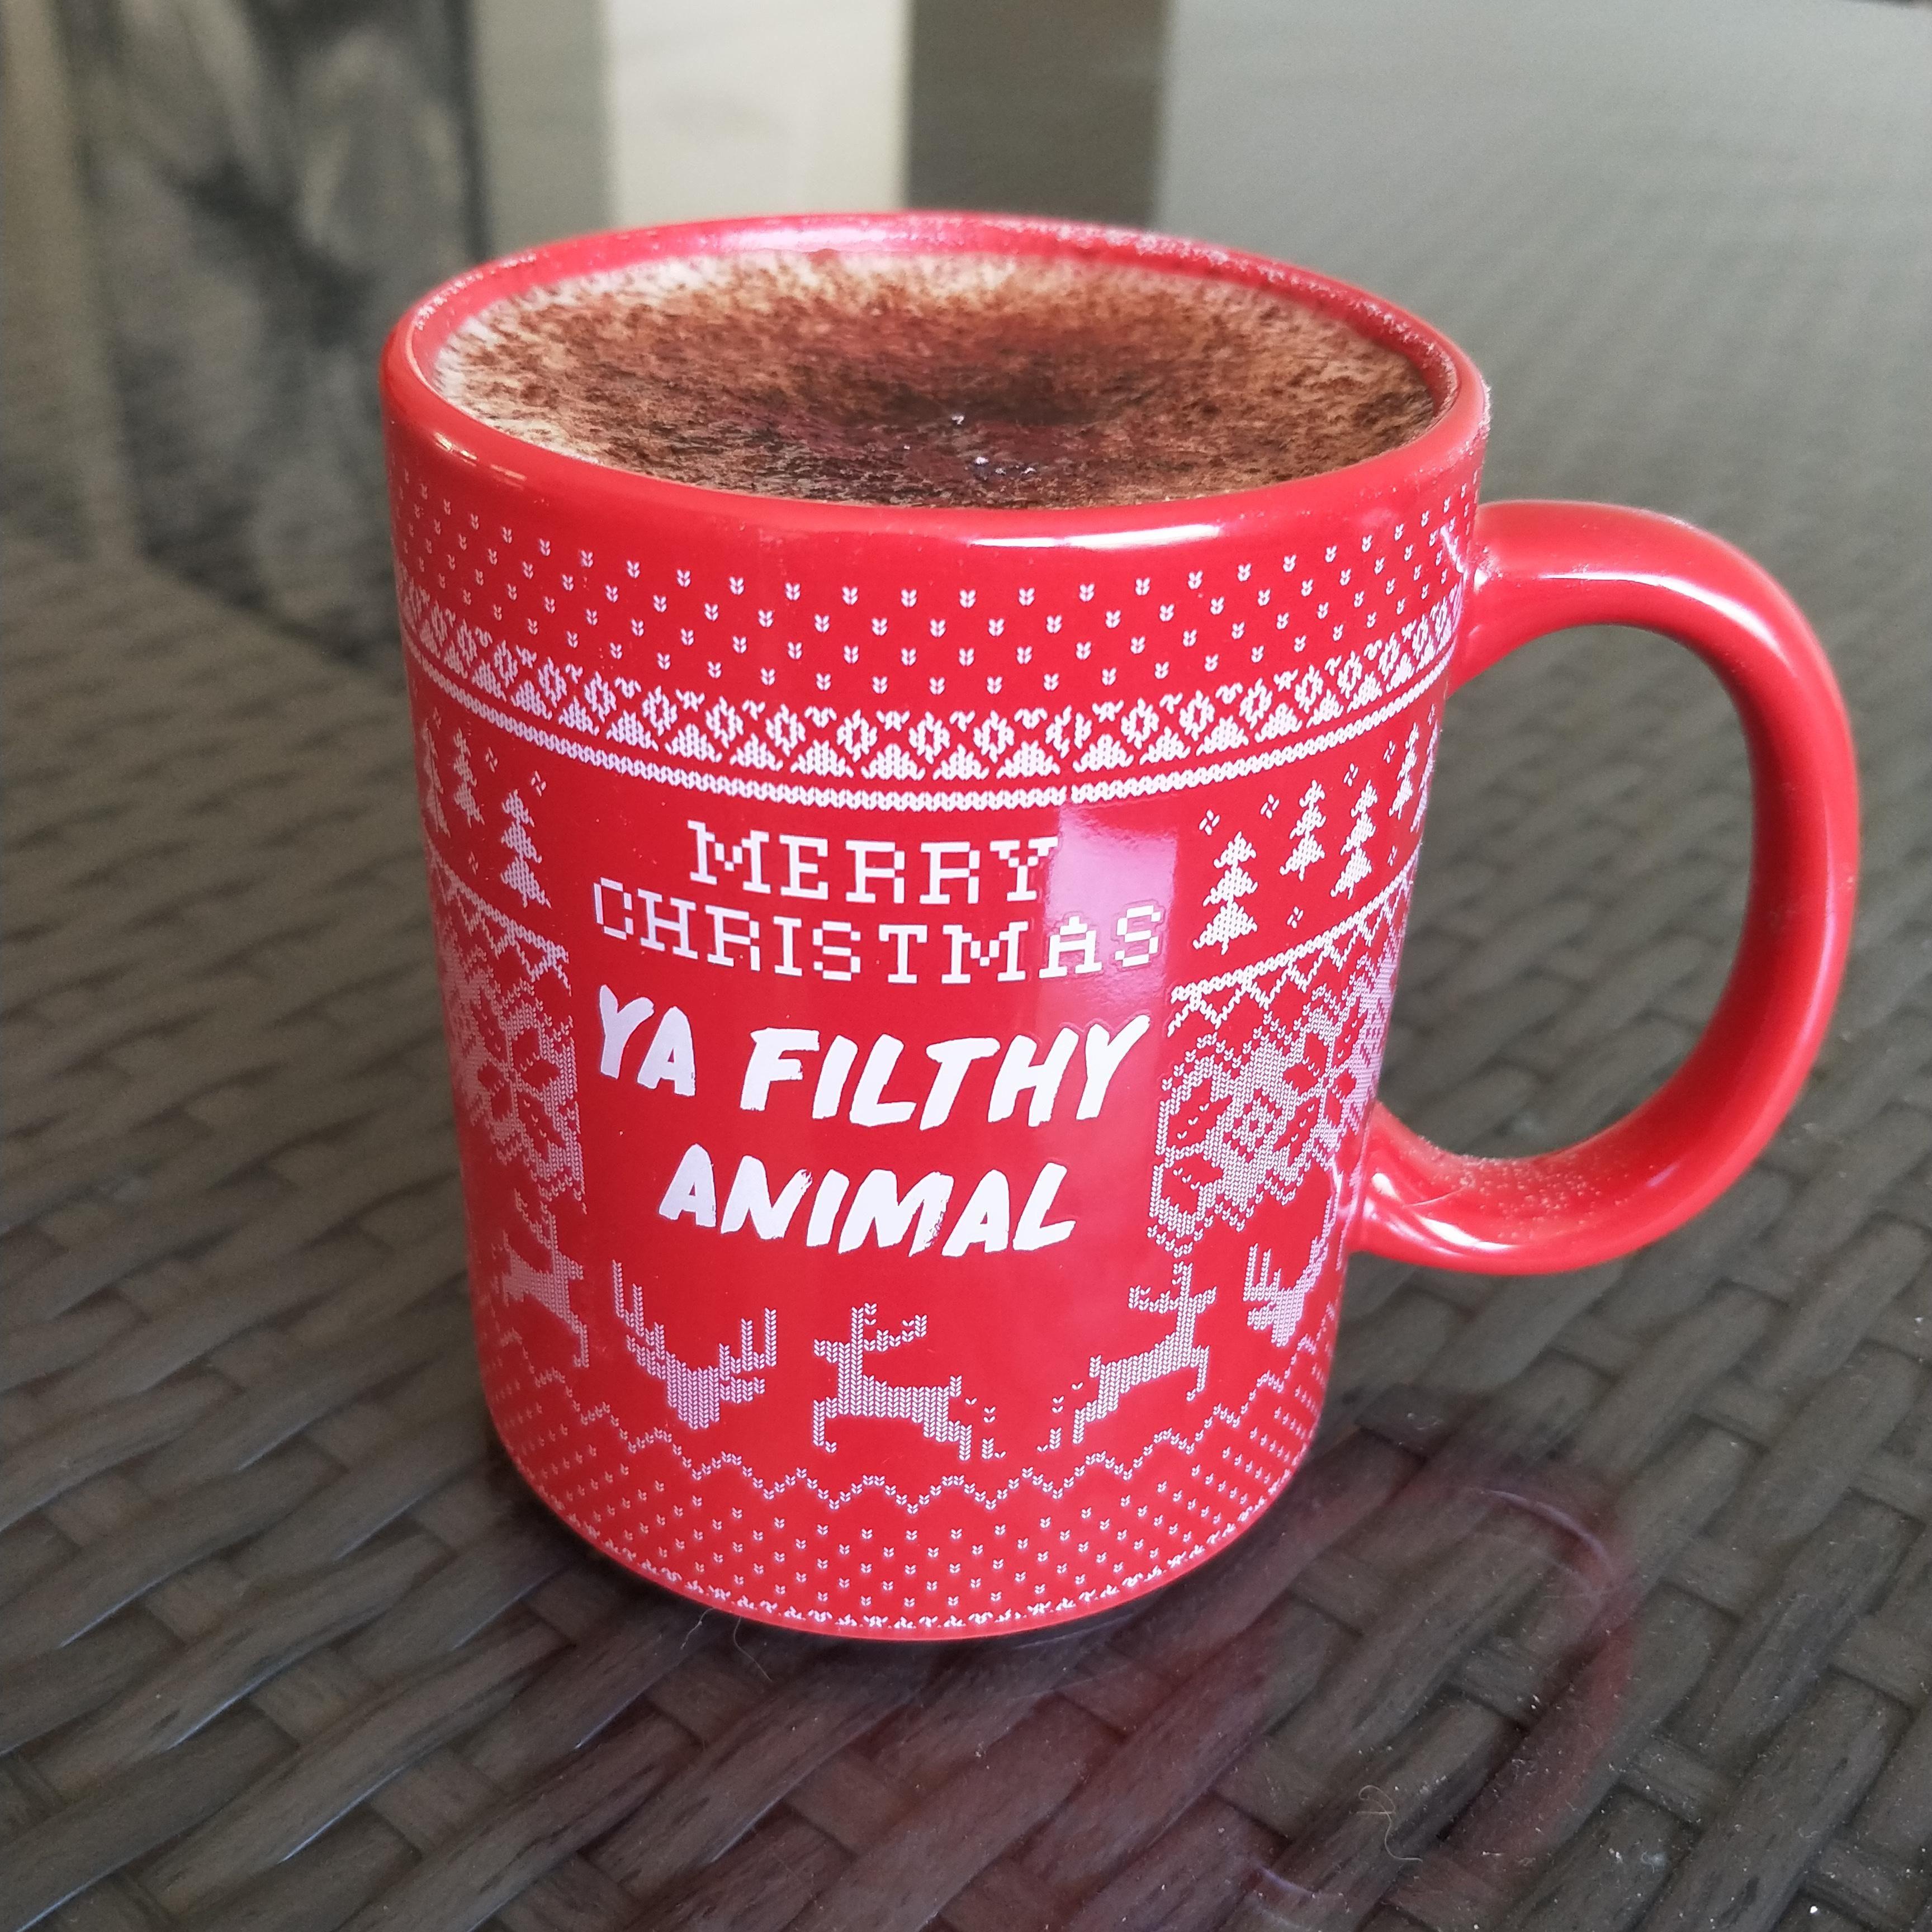 Cappuccino Amp And My New Christmas Mug Coffee Coffeemug Mug Cafe Espresso Photography Coffeeaddict Yummy Mugs Coffee Bean Grinder Christmas Mugs